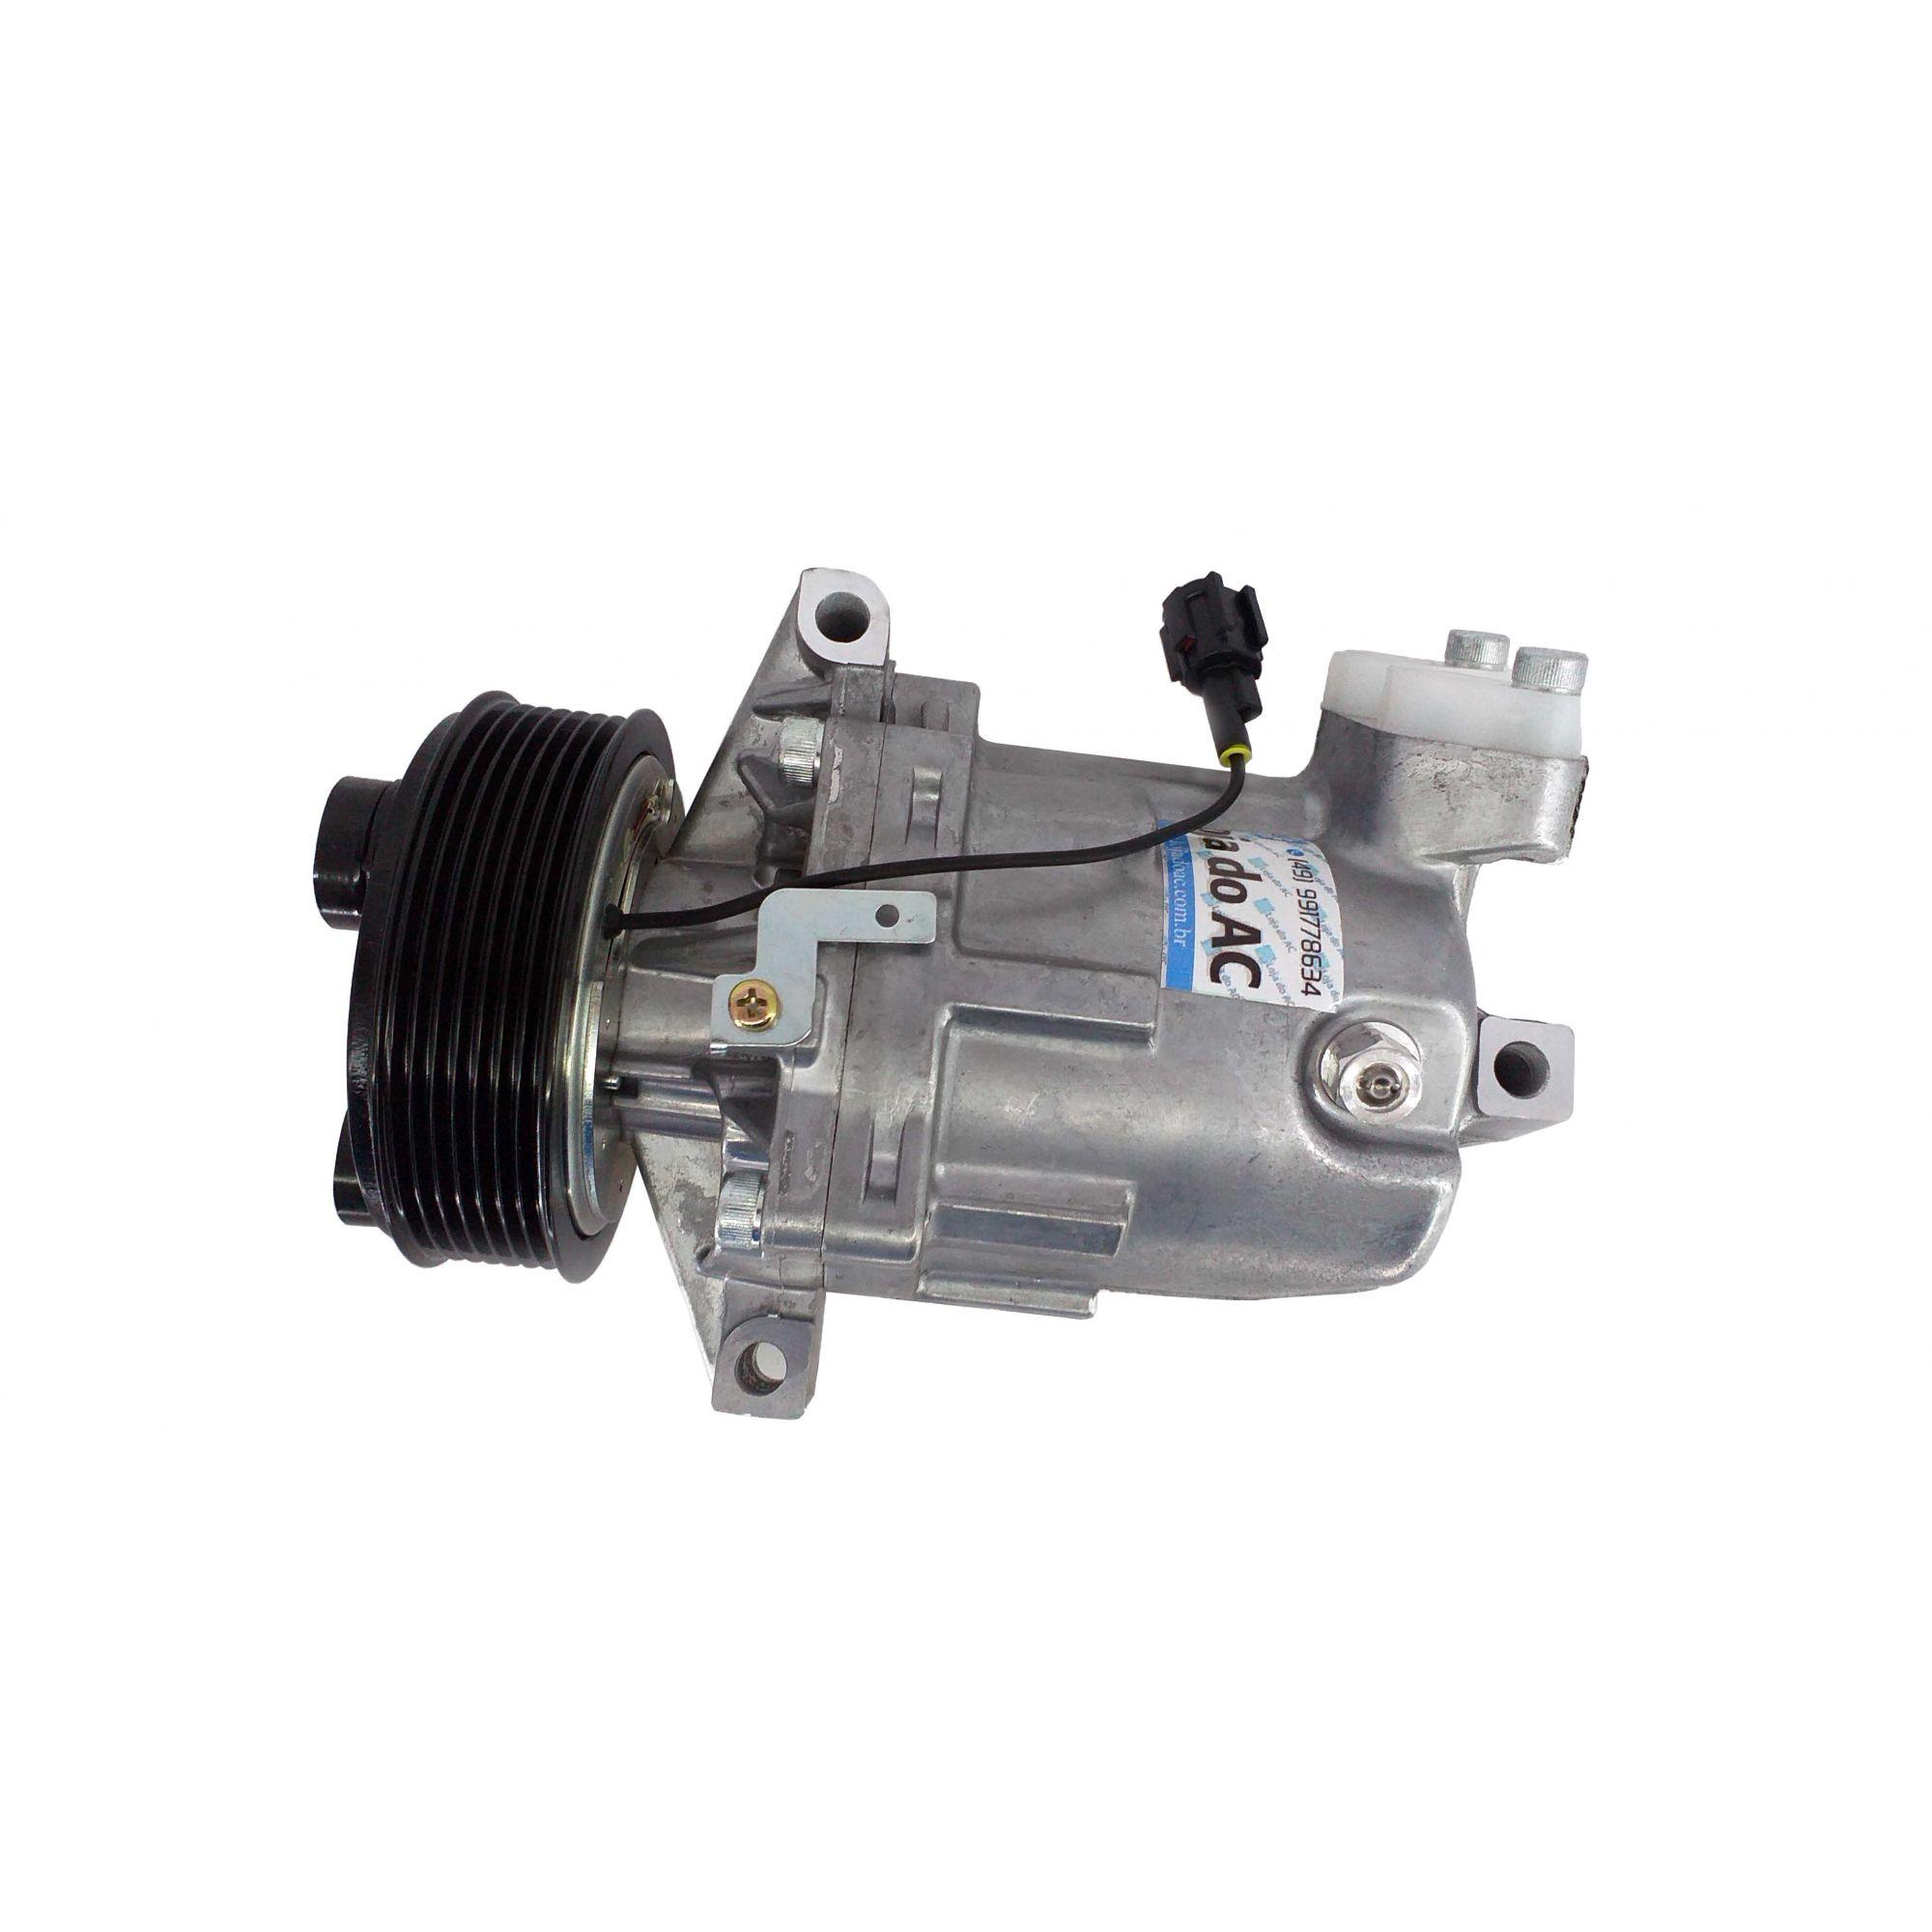 Compressor Renault Fluence / Duster 2.0